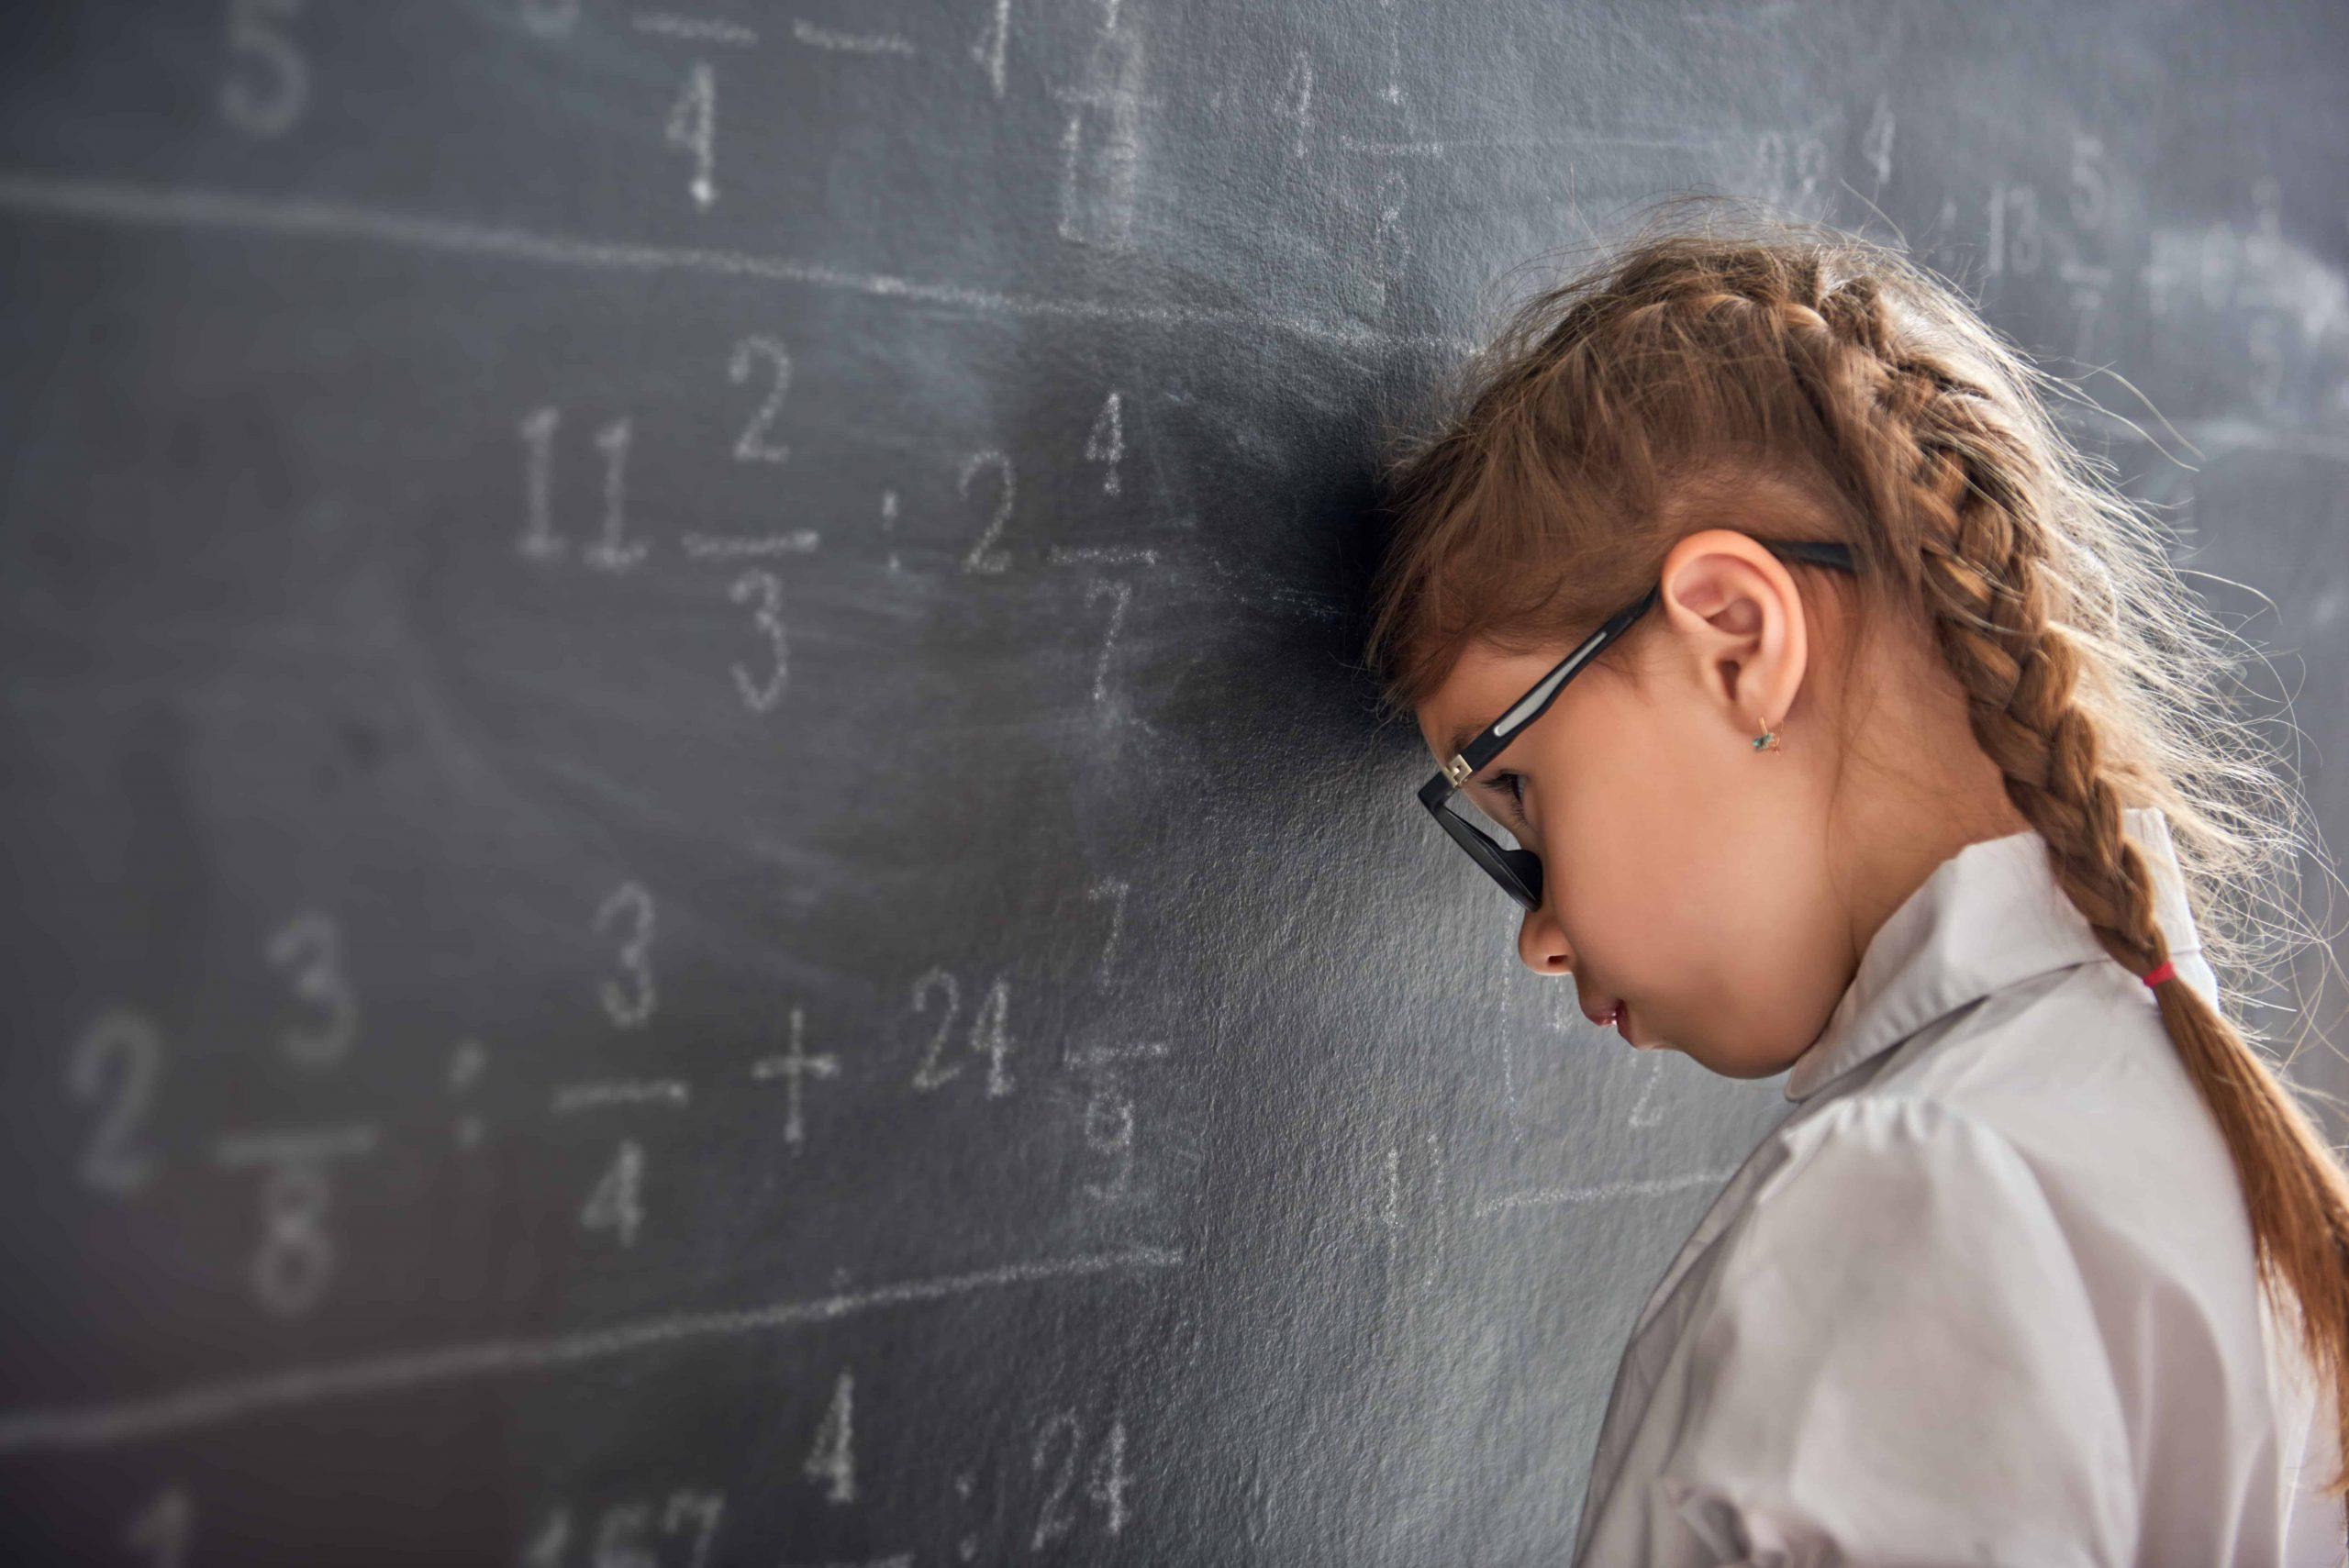 Frustfrei lernen: 4 effektive Lernmethoden zum frustfreien Lernen